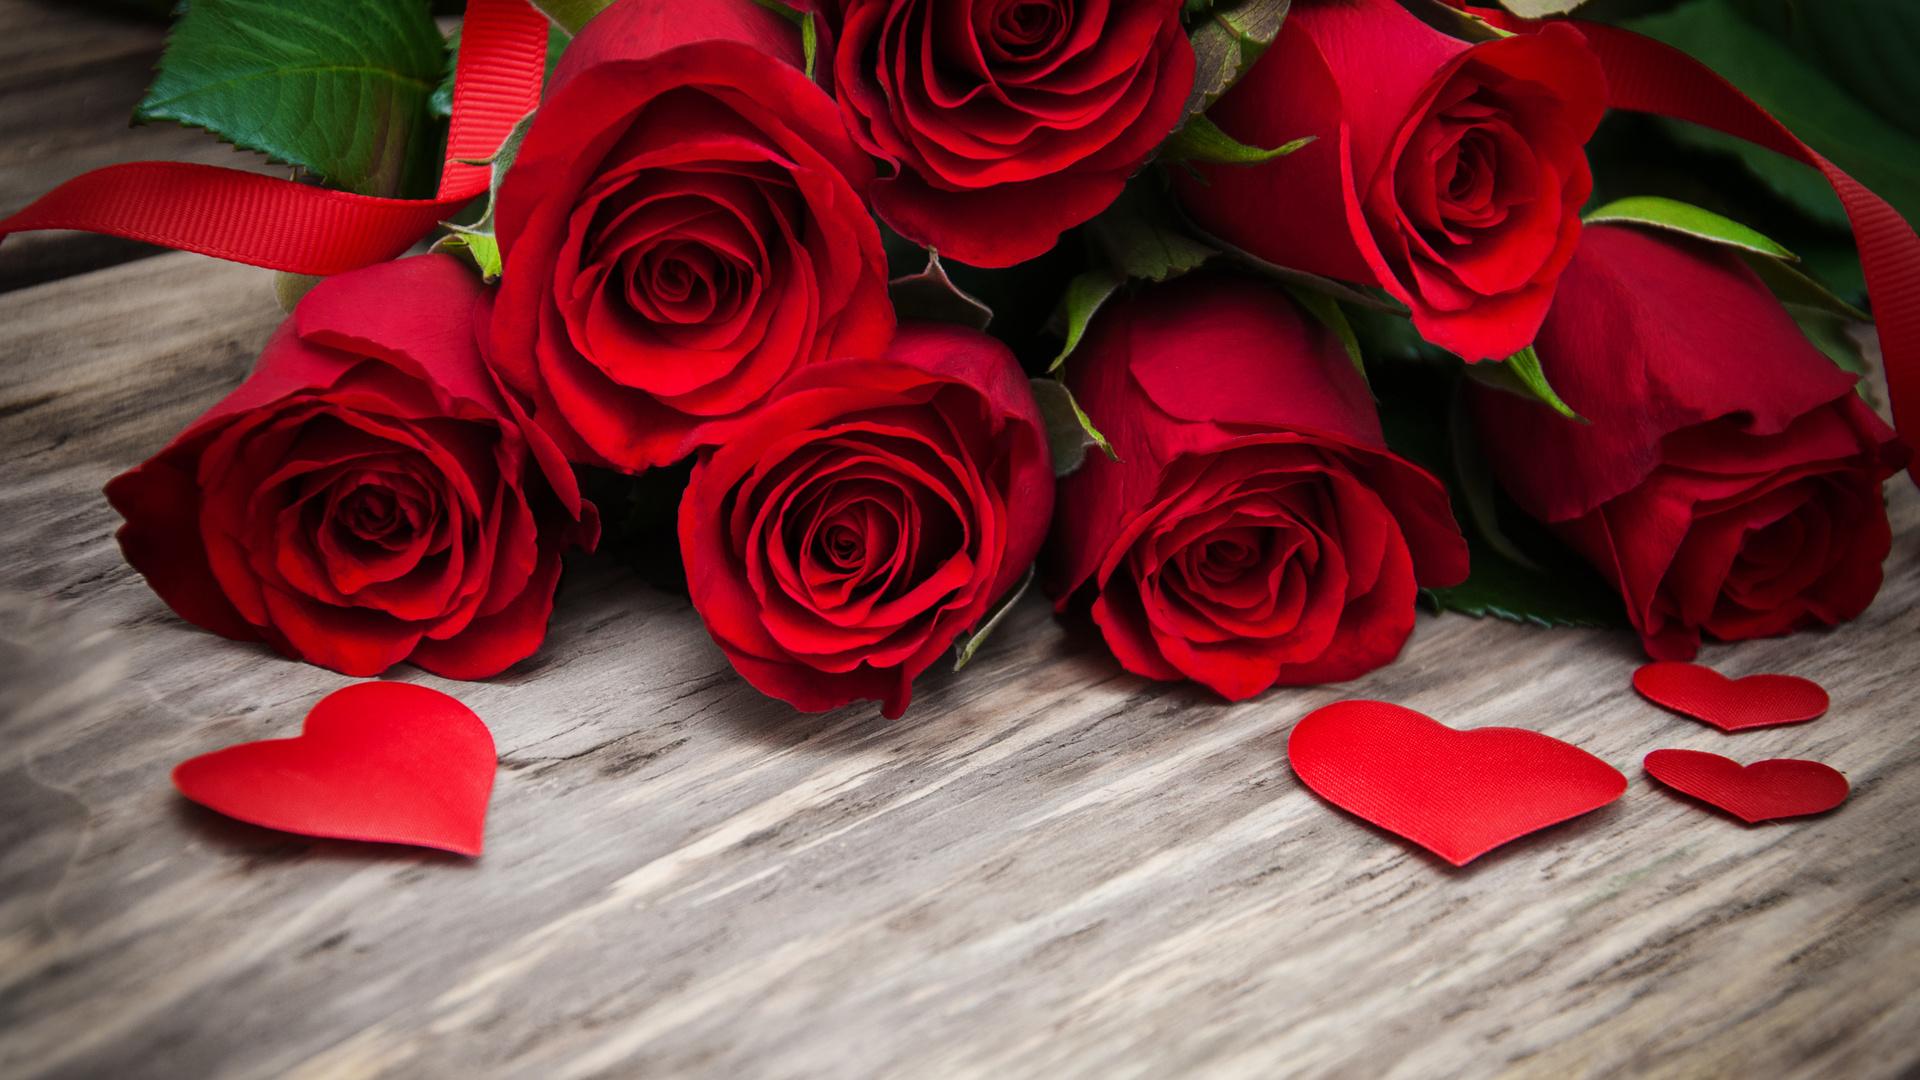 Картинки цветов розы красные